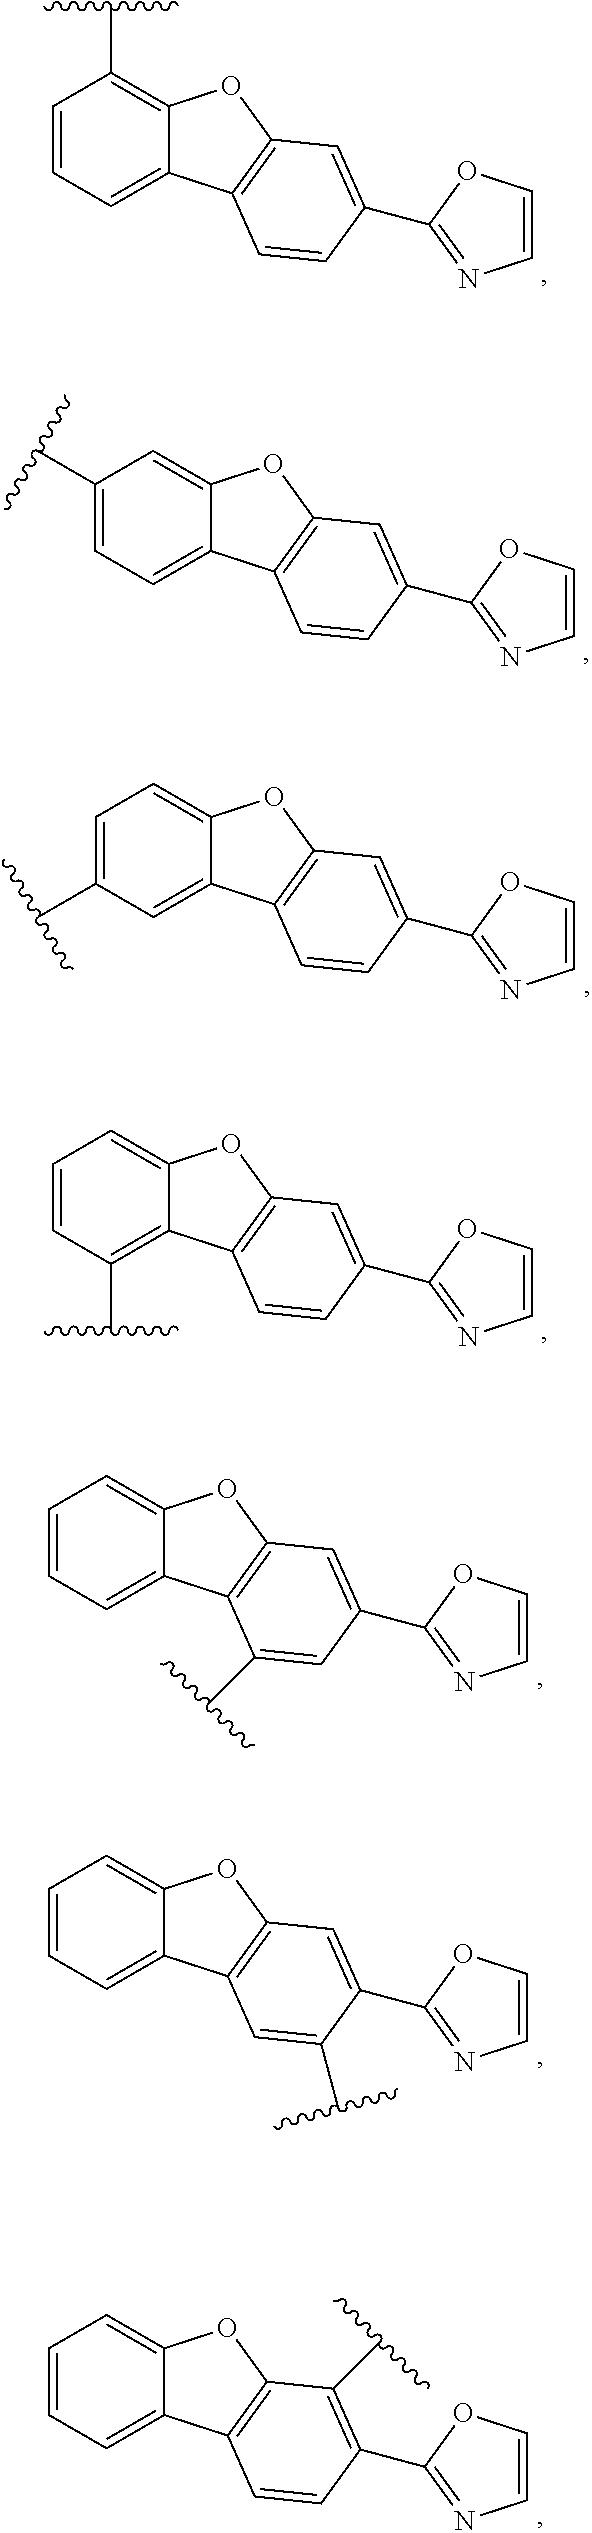 Figure US09818959-20171114-C00094